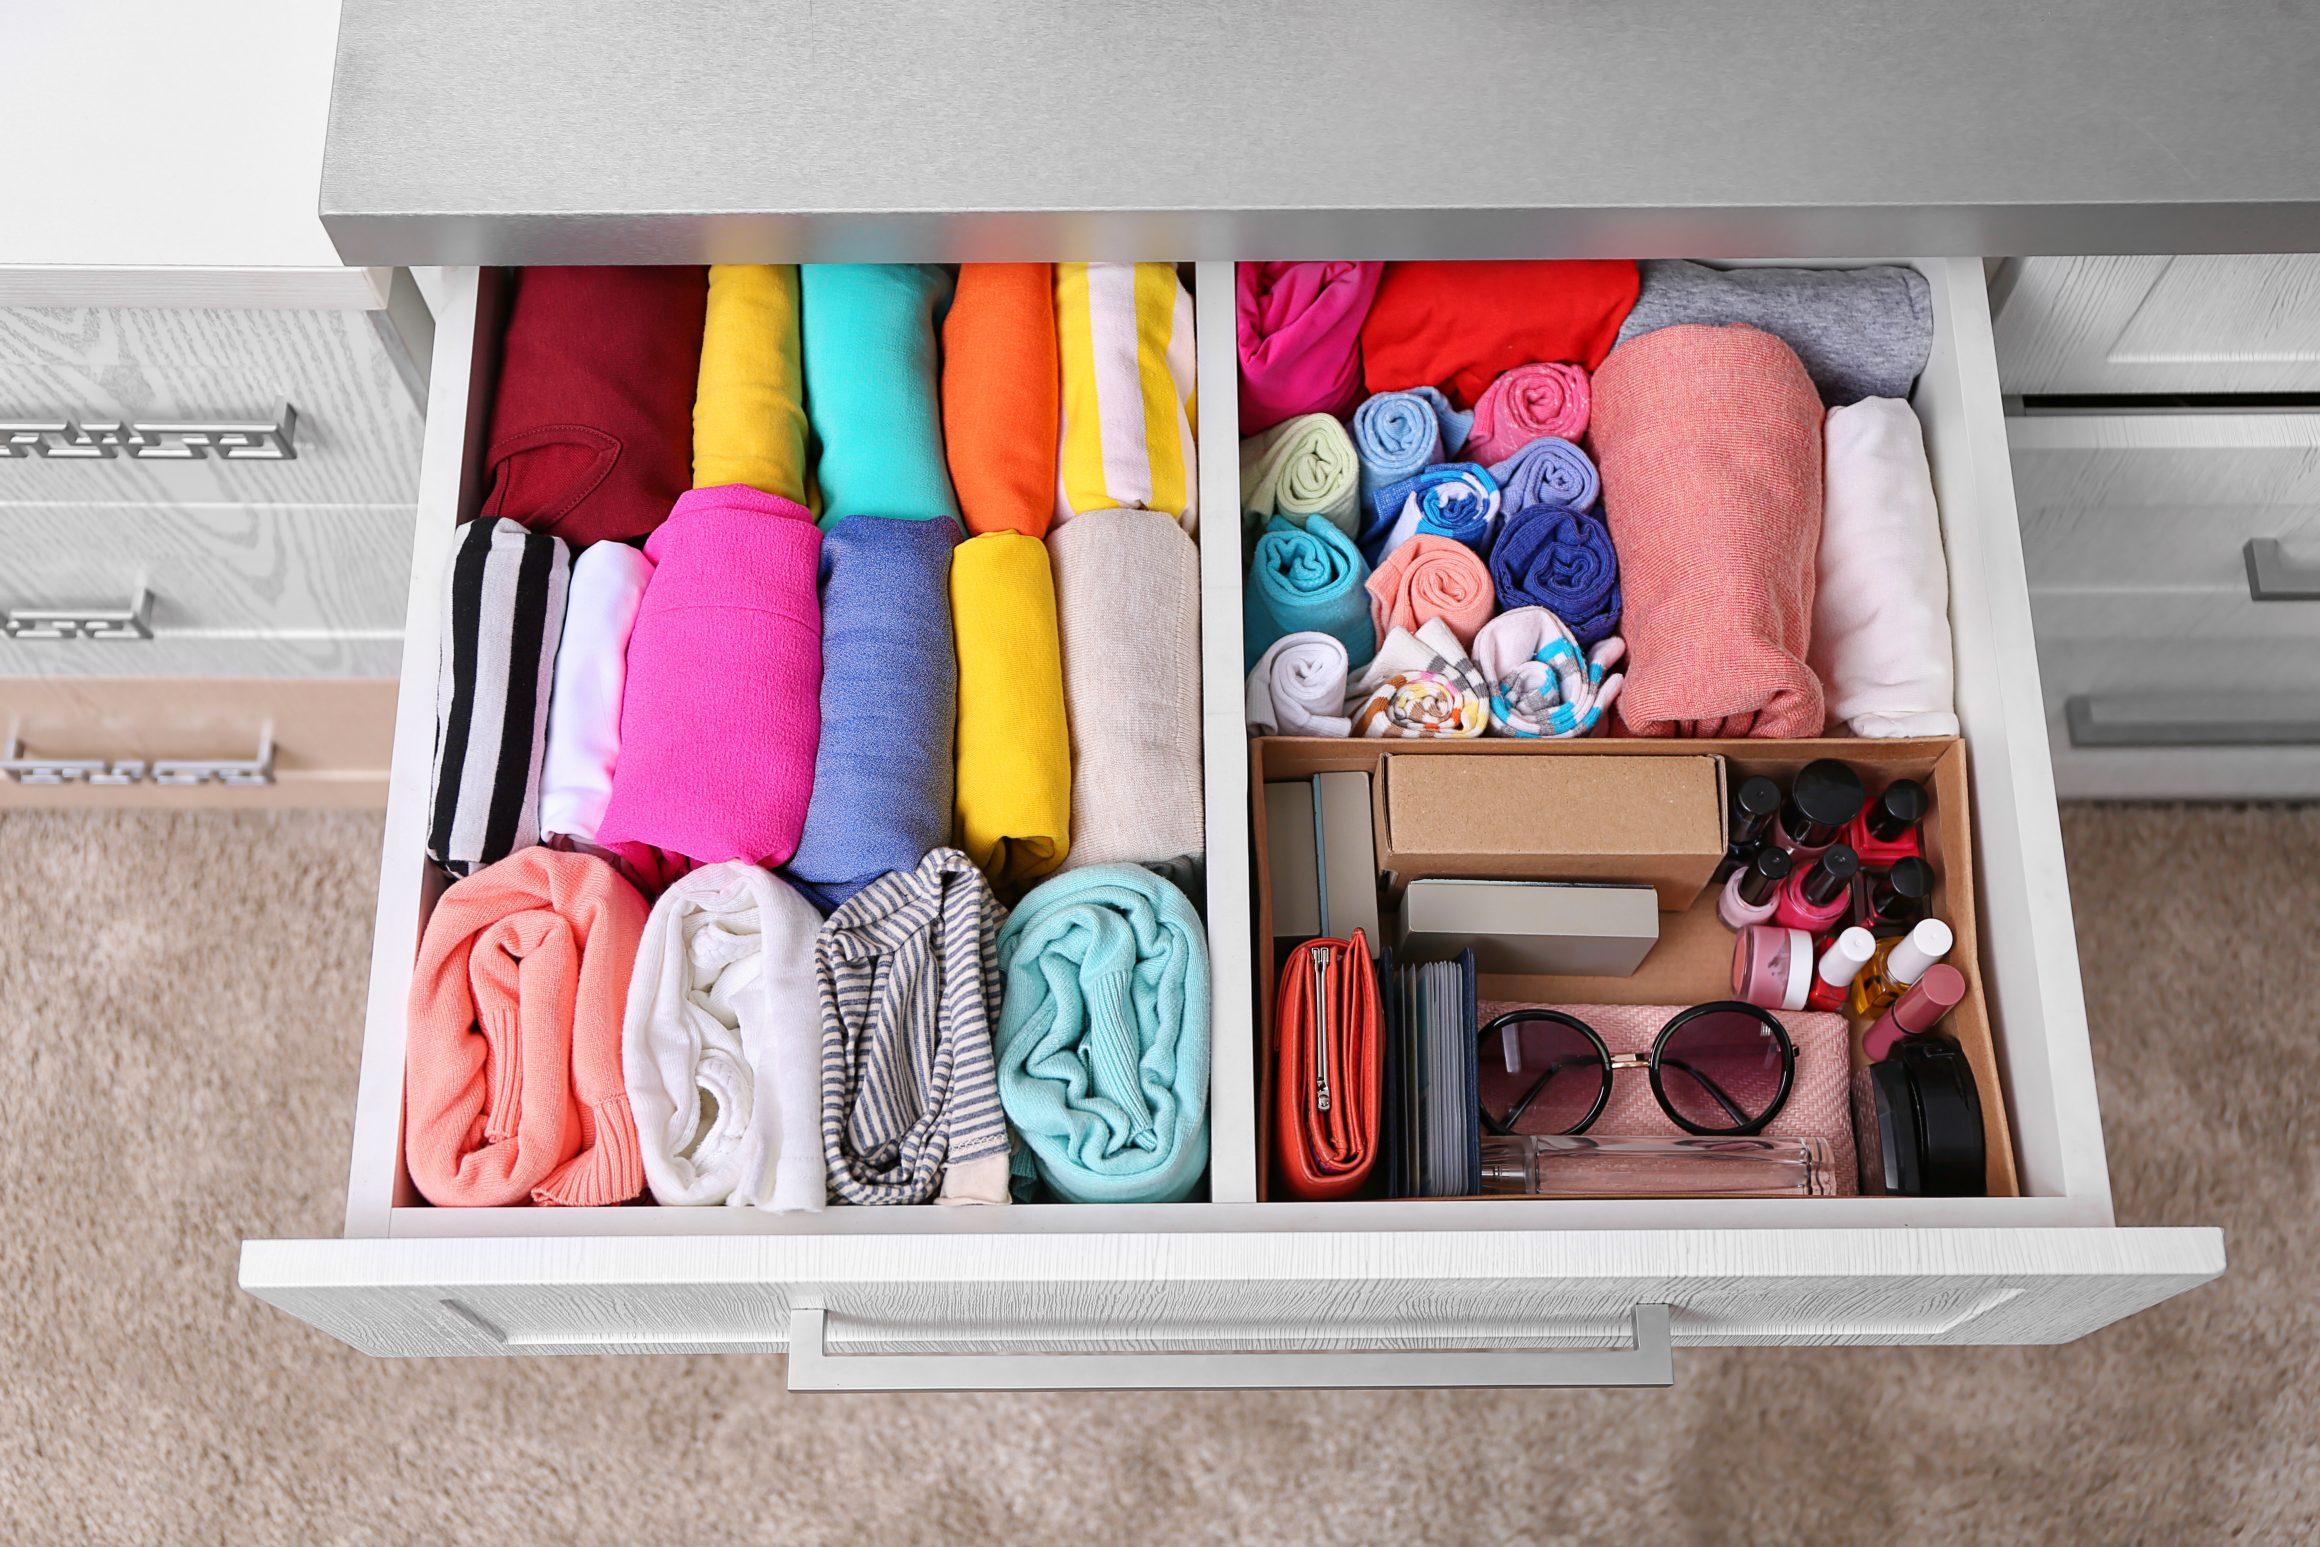 Eine sehr ordentlich eingeräumte Schublade mit Kleidung